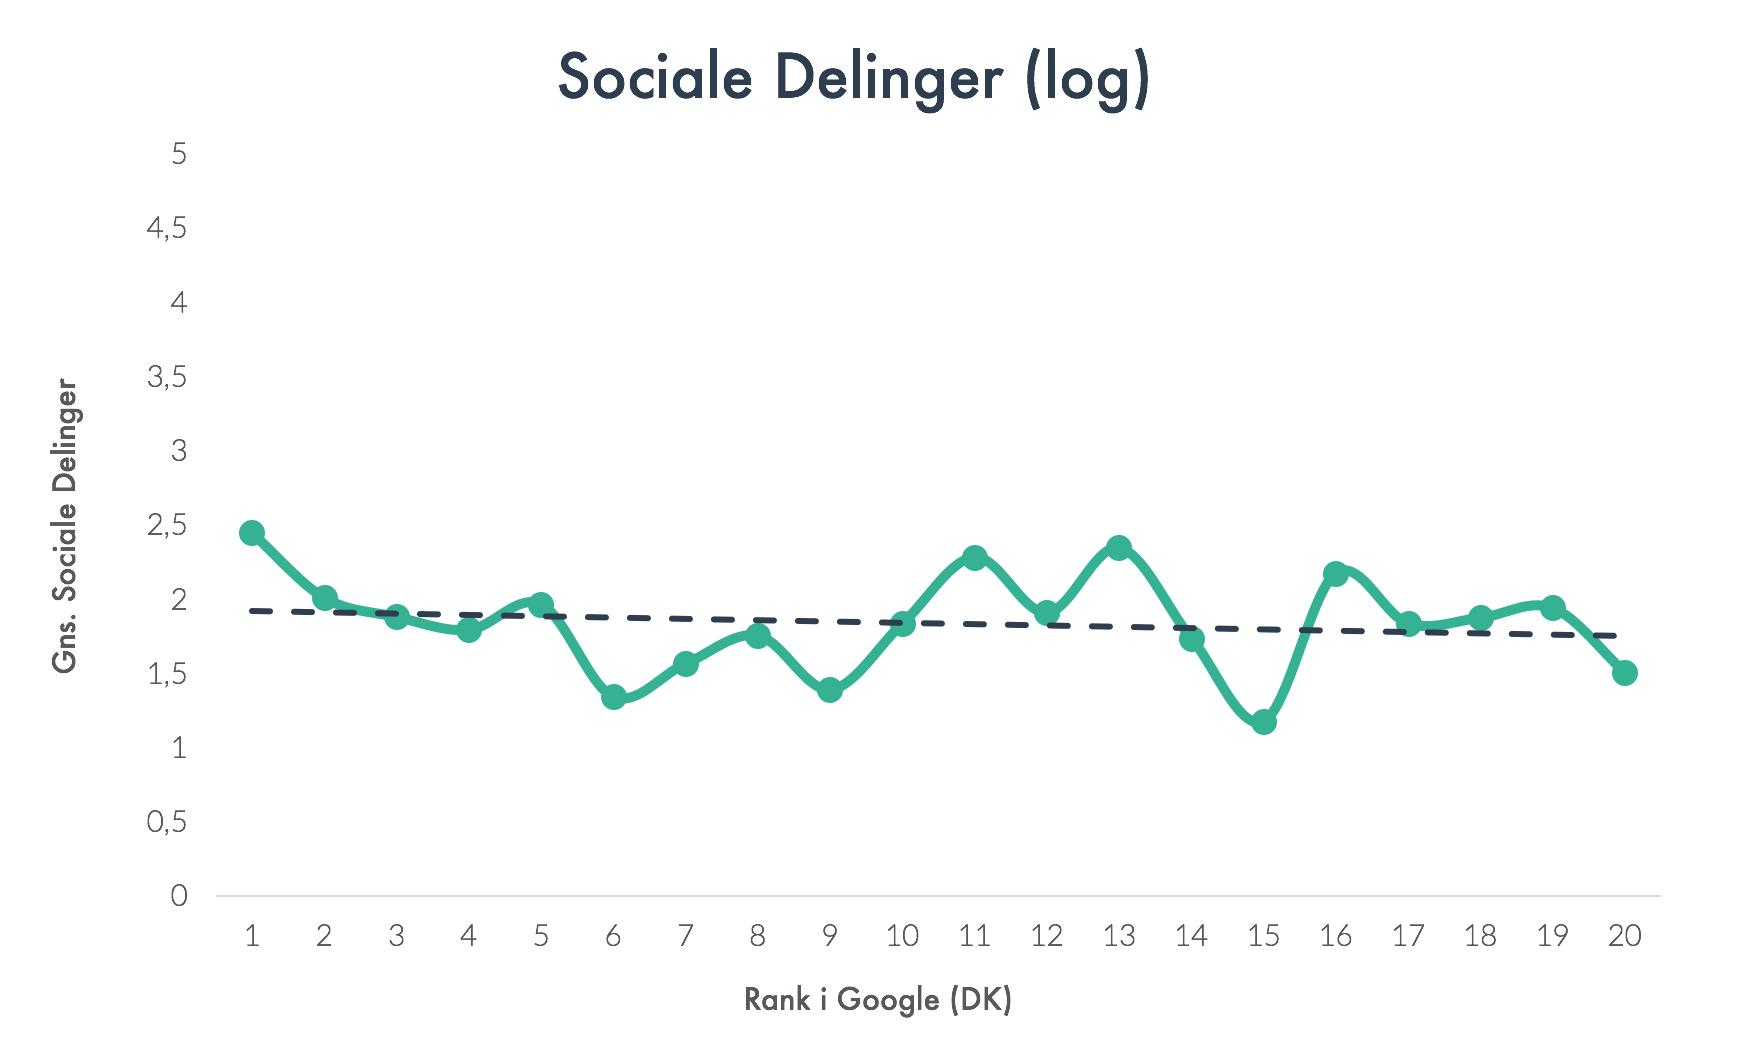 Sociale Delinger